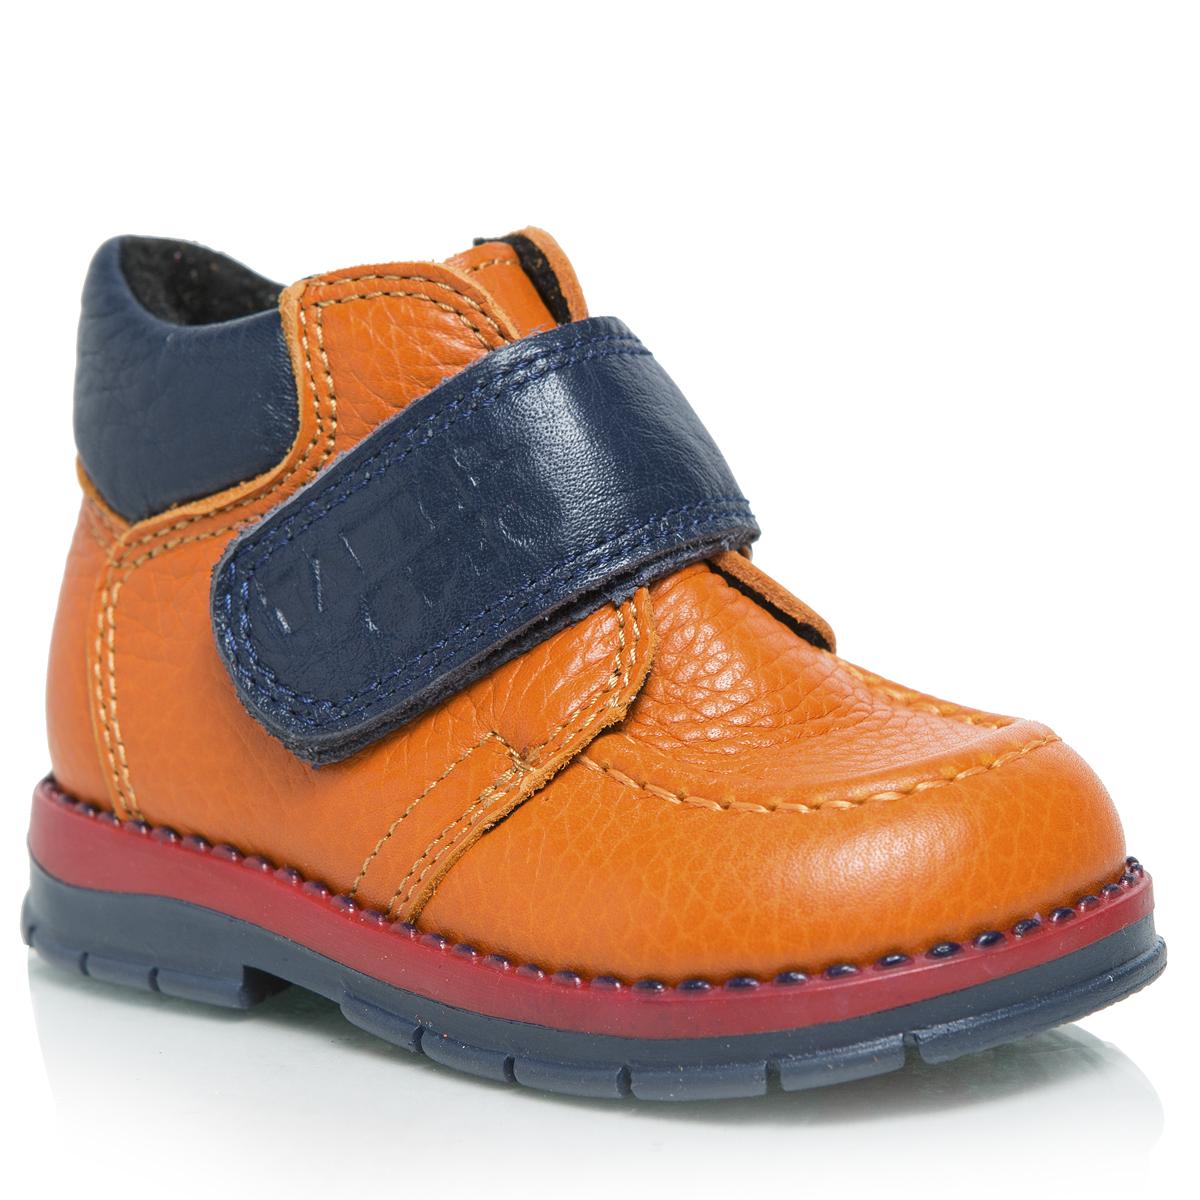 Ботинки детские. 241241-051Модные детские ботинки Таши Орто приведут в восторг вашего ребенка. Модель выполнена из натуральной кожи. Литая анатомическая стелька из натуральной кожи со сводоподдерживающим элементом и латексным покрытием, не продавливающаяся во время носки, обеспечивает правильное формирование стопы. Благодаря использованию современных внутренних материалов, позволяет оптимально распределить нагрузку по всей площади стопы, дает ножке ощущение мягкости и комфорта. Полужесткий задник фиксирует ножку ребенка, не давая ей смещаться из стороны в сторону и назад. Мягкая верхняя часть, которая плотно прилегает к ножке, и подкладка, изготовленная из утепленного синтетического волокна, позволят избежать натирания и согреют ножки от холода. Ремешок на застежке-липучке, декорированный символикой бренда, помогает оптимально подогнать полноту обуви по ноге и гарантирует надежную фиксацию. Благодаря такой застежке ребенок может самостоятельно надевать обувь. Широкий, устойчивый каблук, специальной конфигурации...